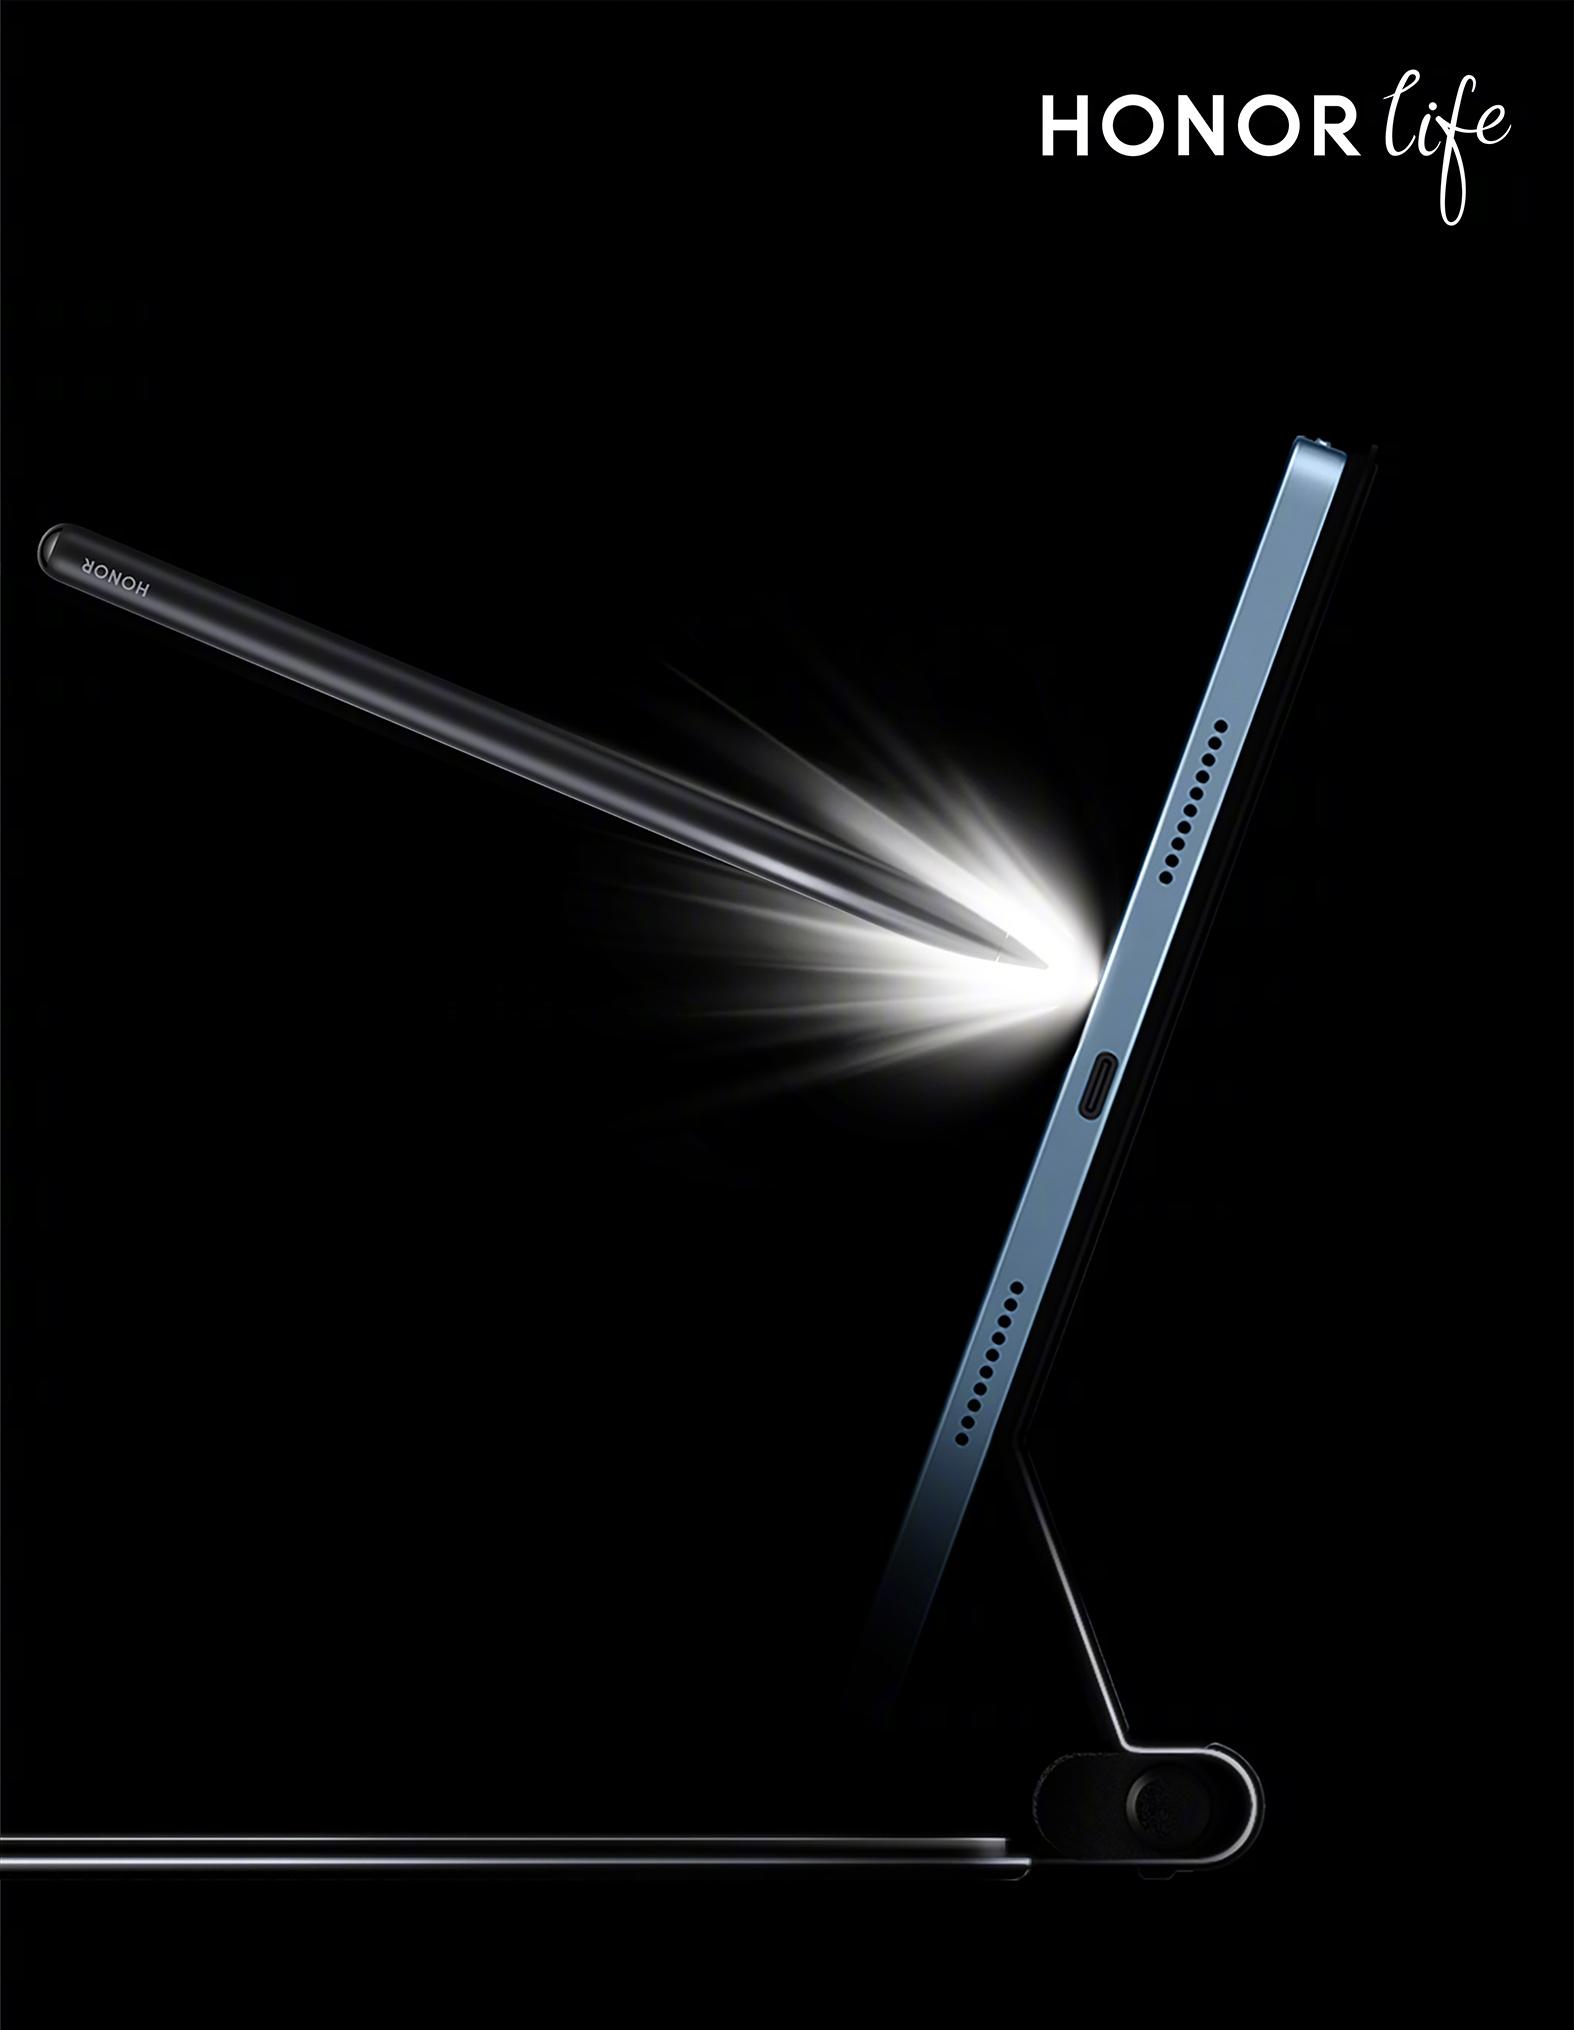 Honor поделилась особенностями серии Magic 3 и планшета Honor V7 Pro Другие устройства  - honor_rassekretila_fishki_serii_magic_3_i_plansheta_honor_v7_pro_picture7_0